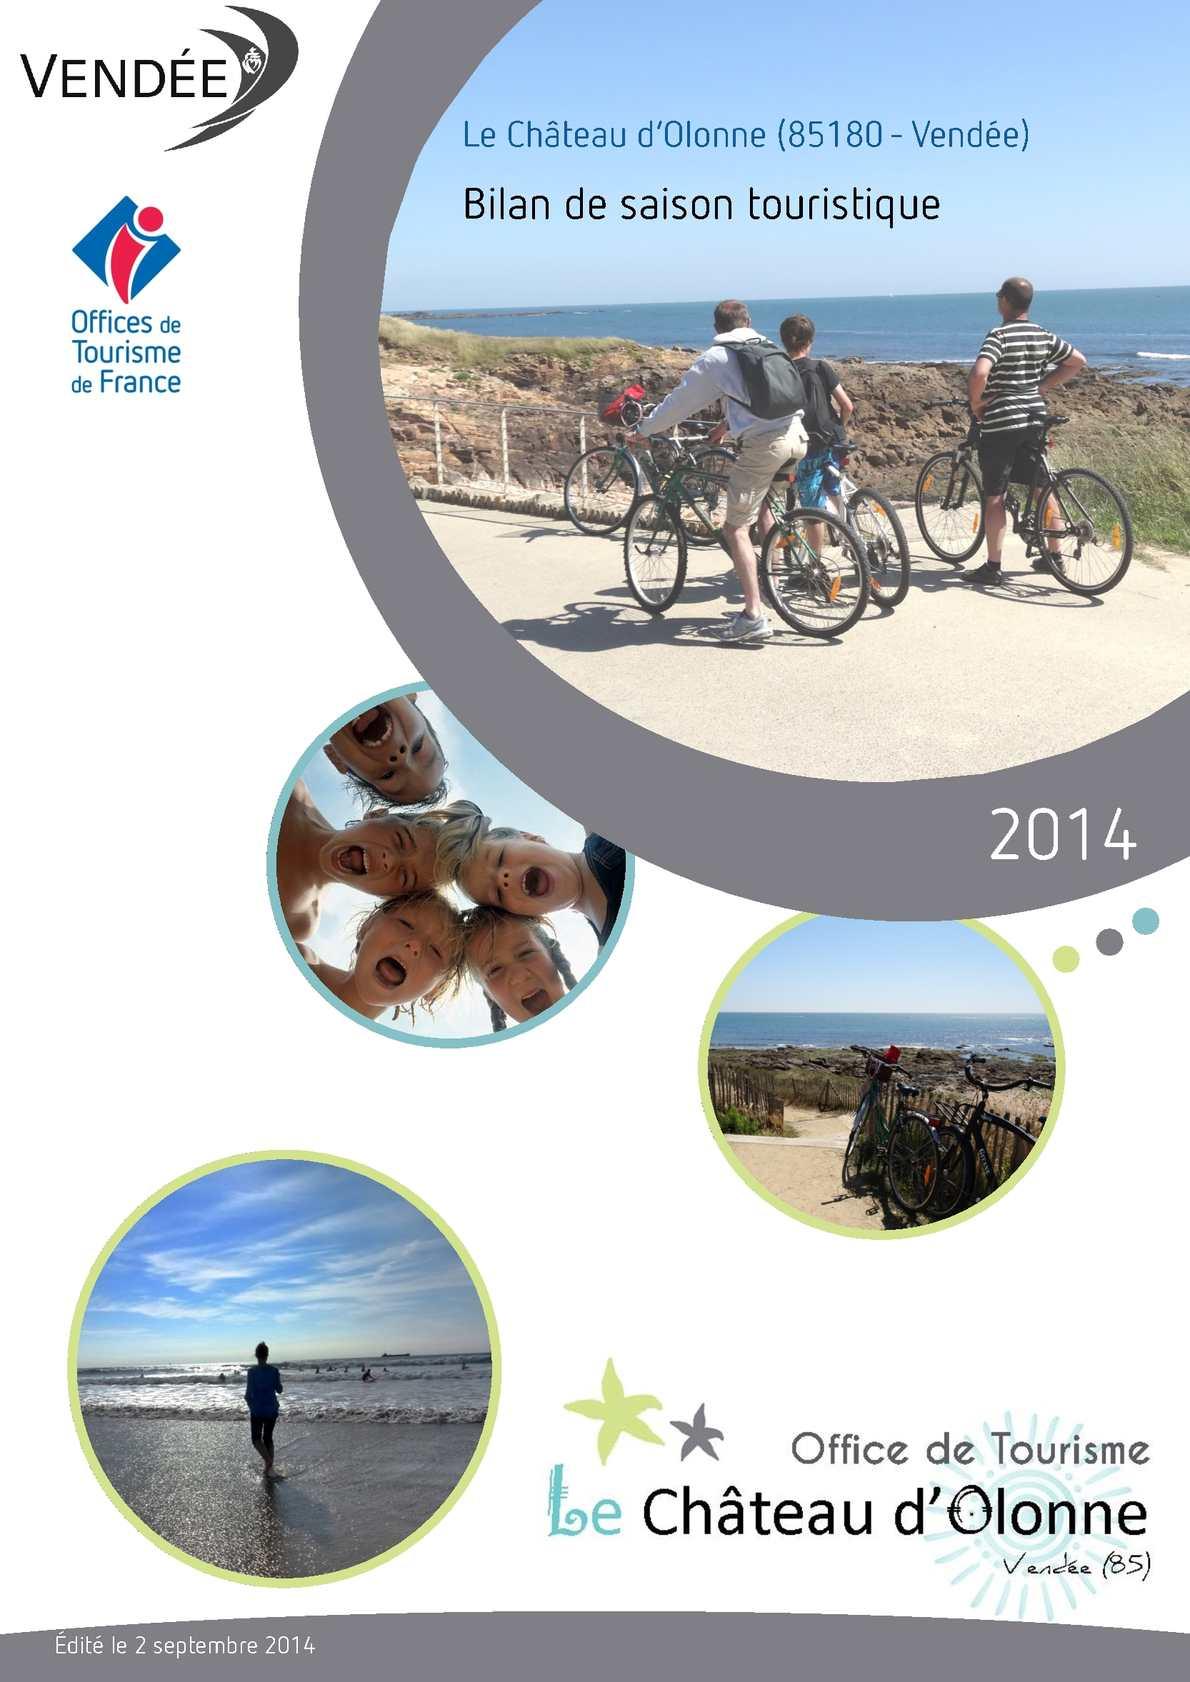 Calam o bilan de saison 2014 office de tourisme du ch teau d 39 olonne - Office tourisme chateau d olonne ...